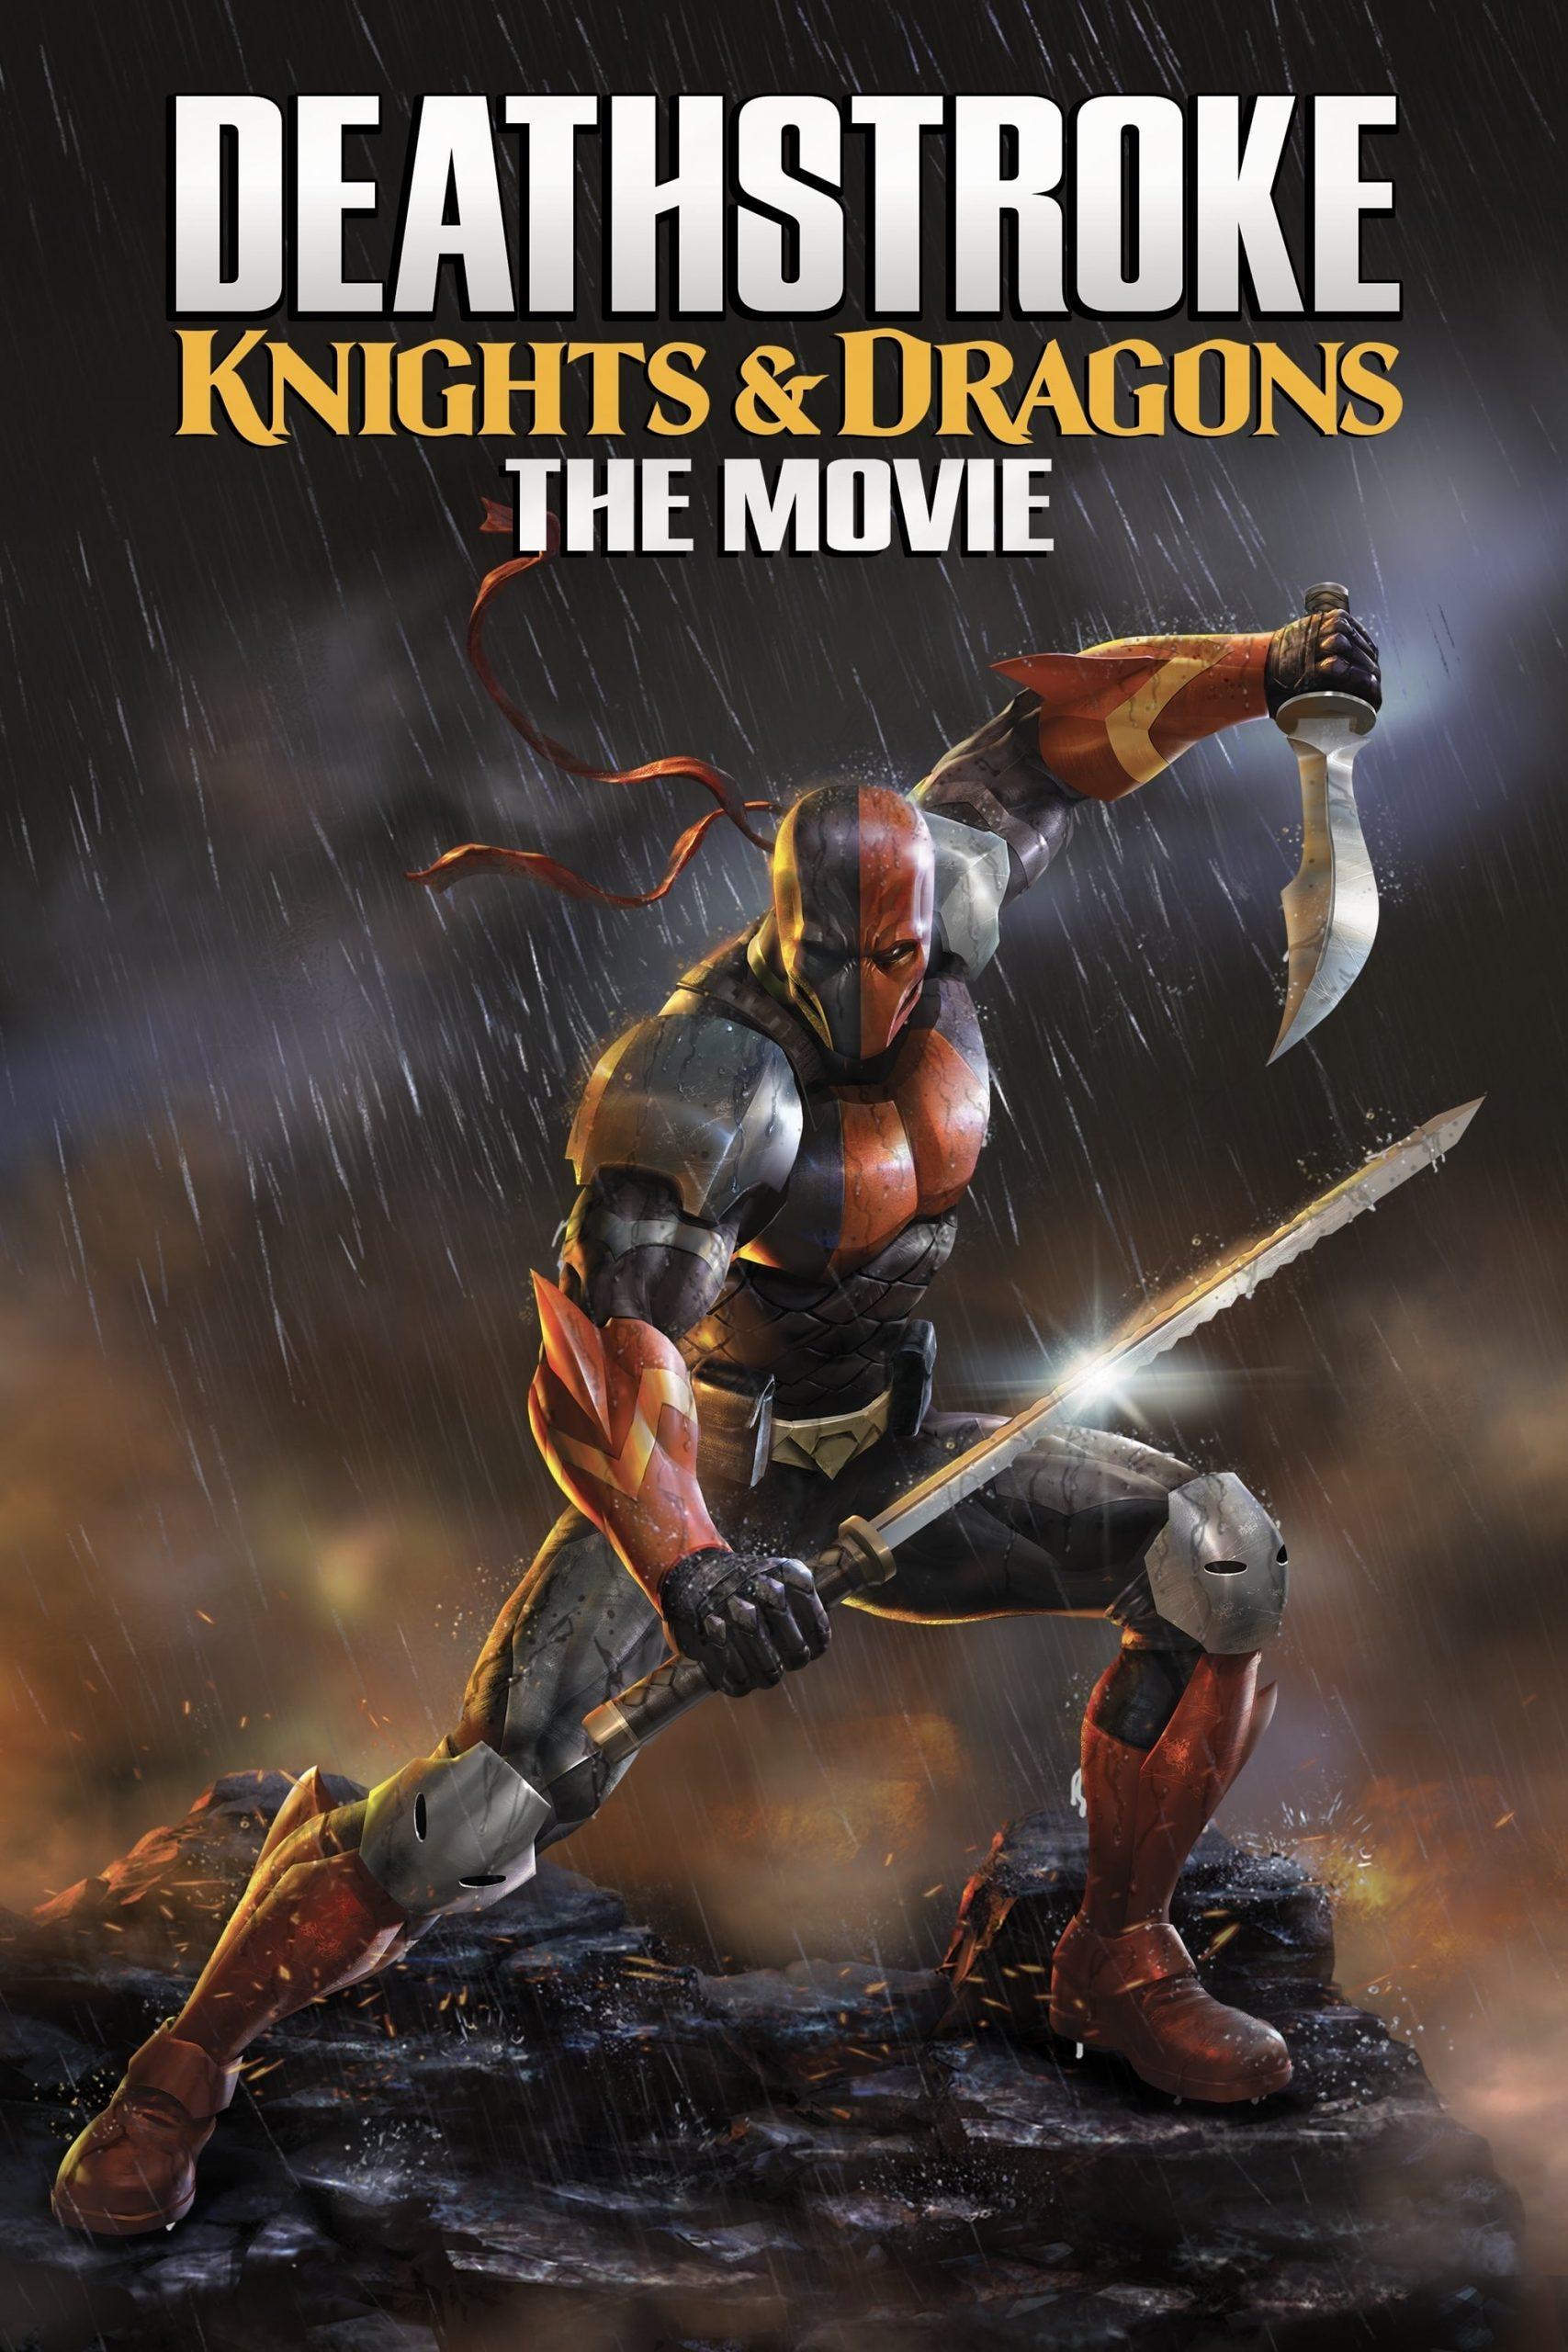 دانلود فیلمDeathstroke: Knights and Dragons The Movie 2020 با دوبله فارسی